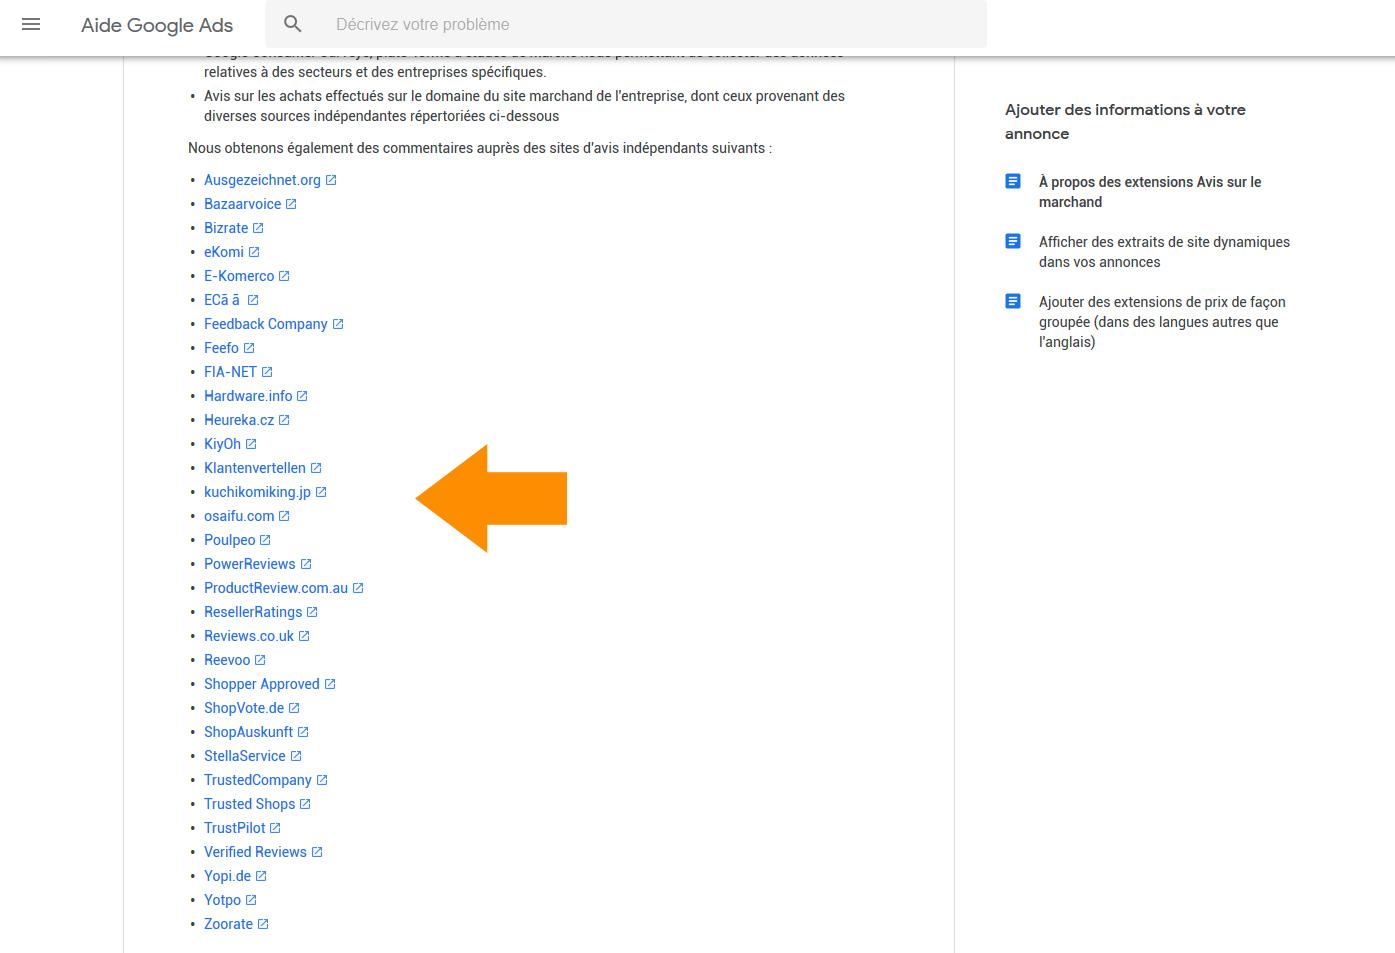 Plateformes avis clients Google